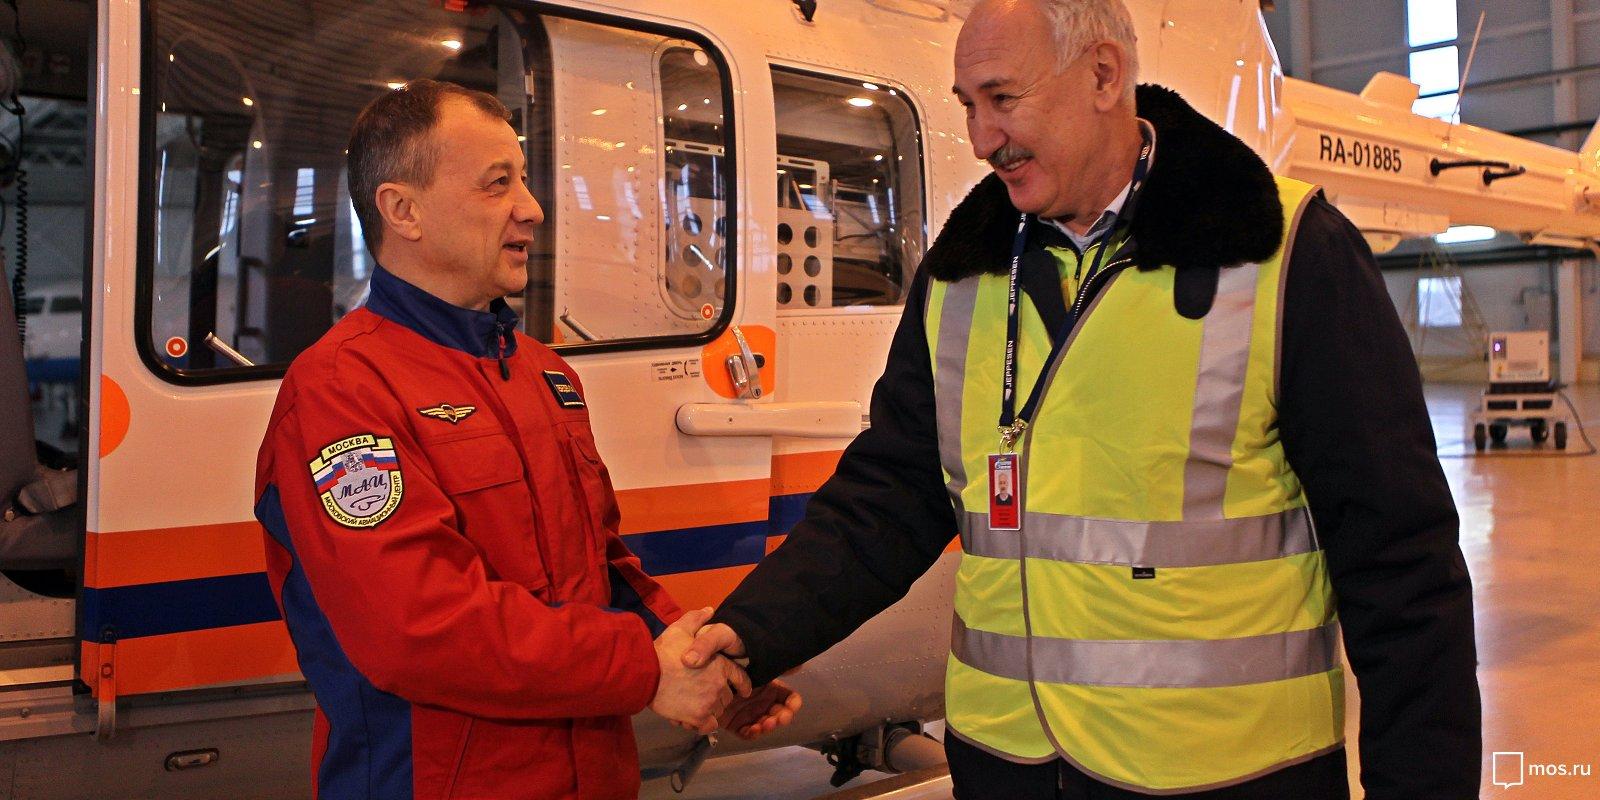 Лучшего летчика-спасателя Москвы поблагодарил бывший пациент «воздушной реанимации»